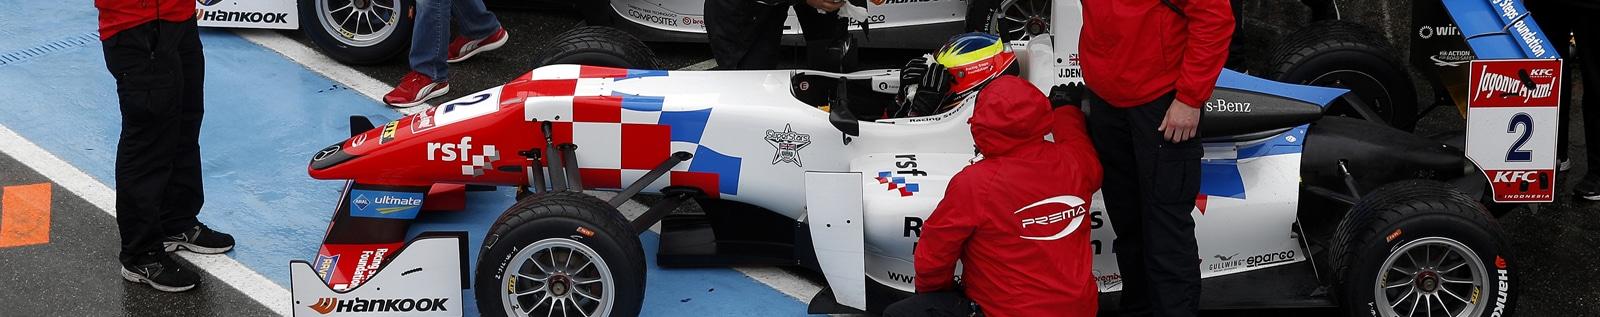 Motorsport Commercial Insurance | Reis